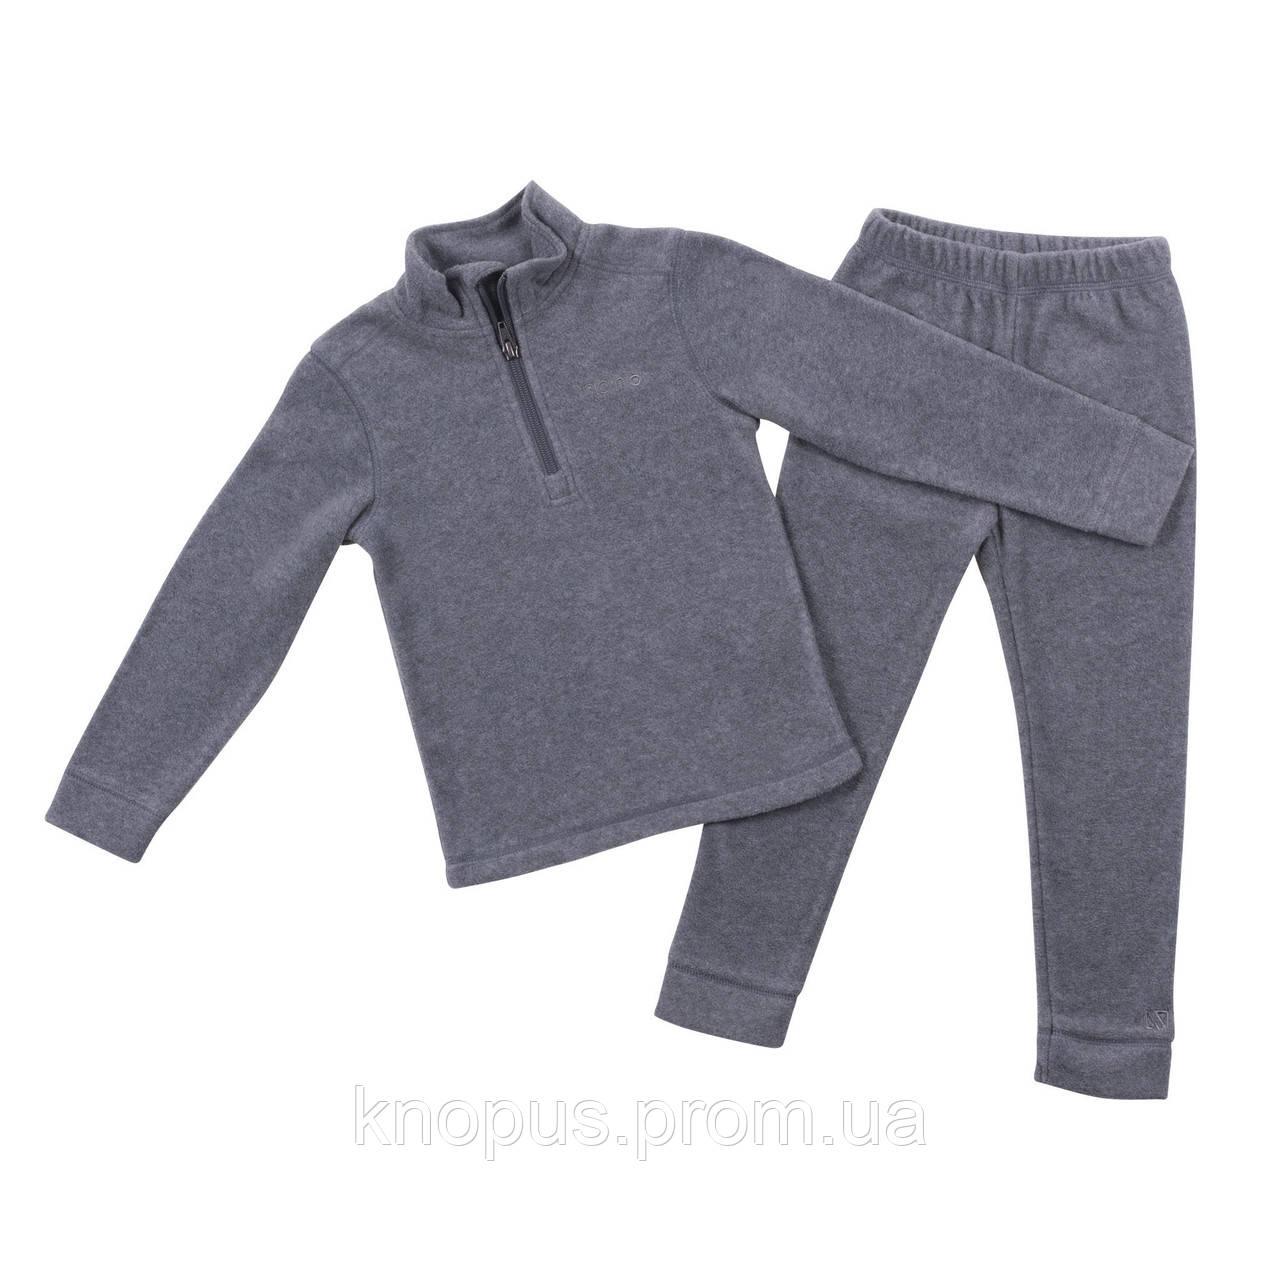 Костюм флисовый (джемпер на короткой молнии + брюки)  серый,черный, Nano, размеры ,от 9 2 до 152 лет